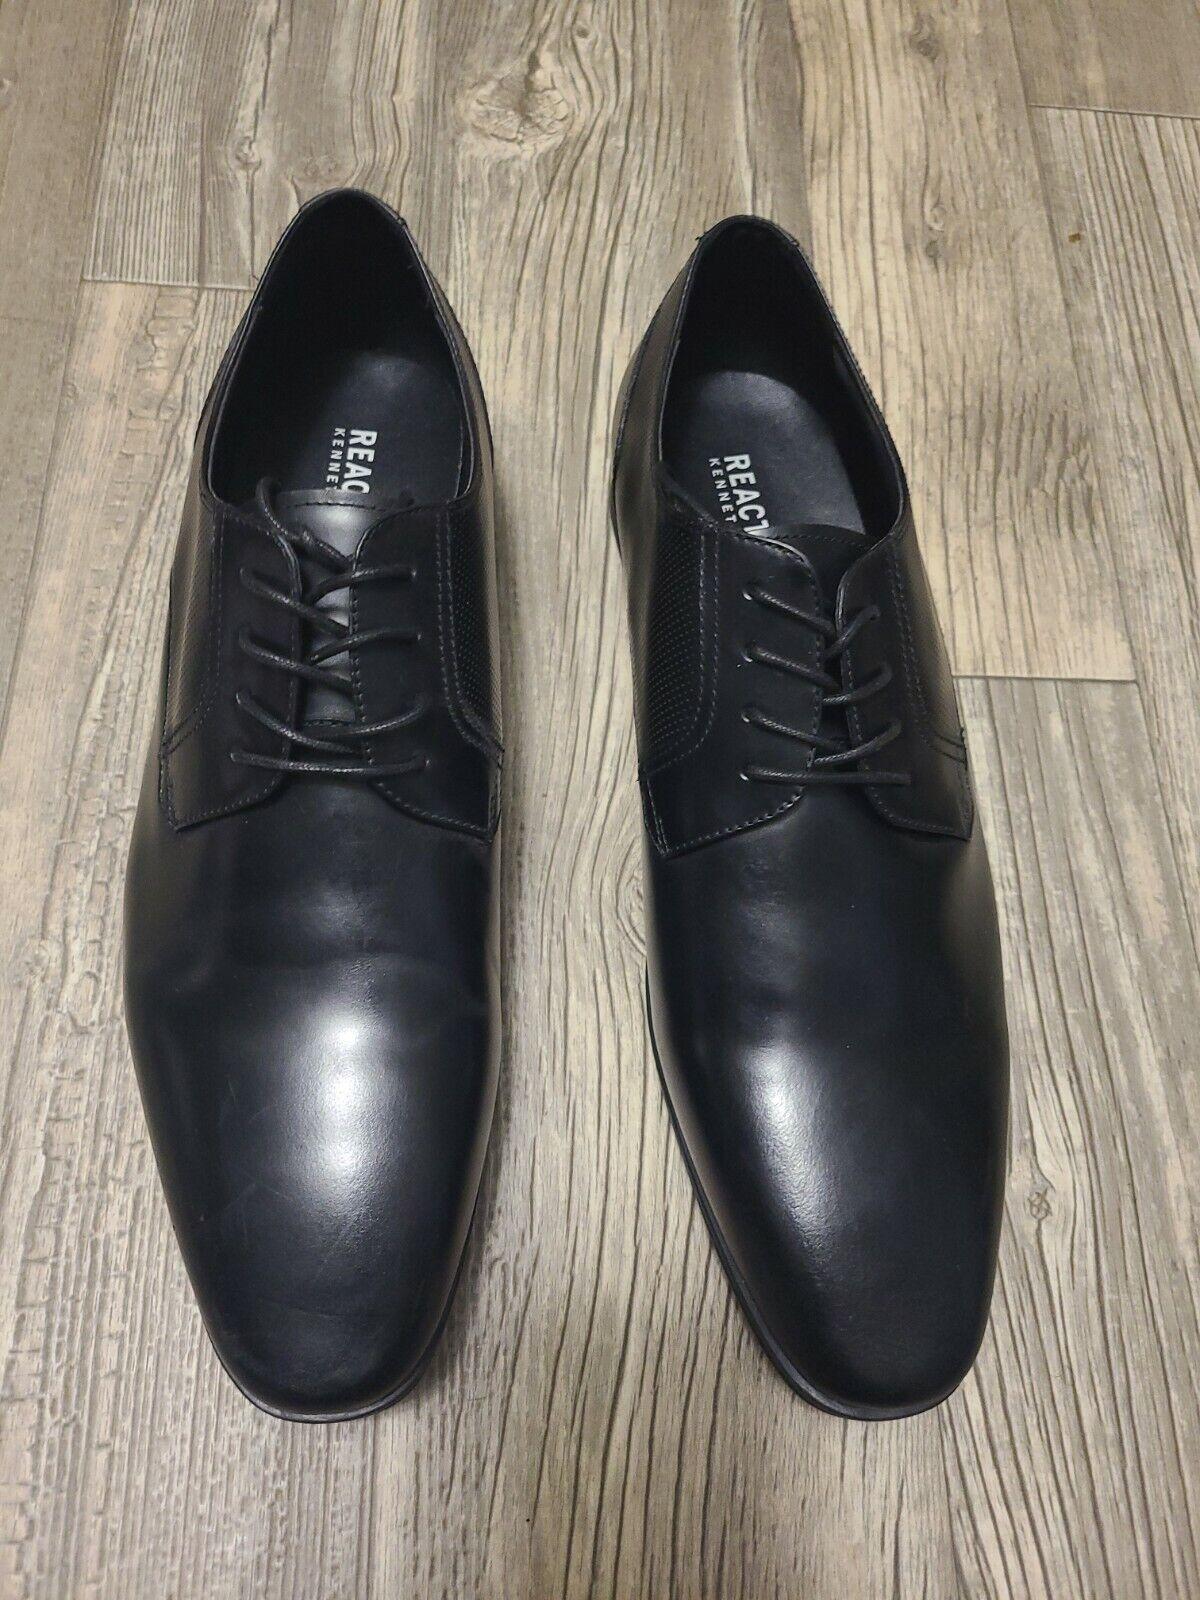 Kenneth Cole Reaction Men's Black Lace-Up Shoes (SIZE 13)